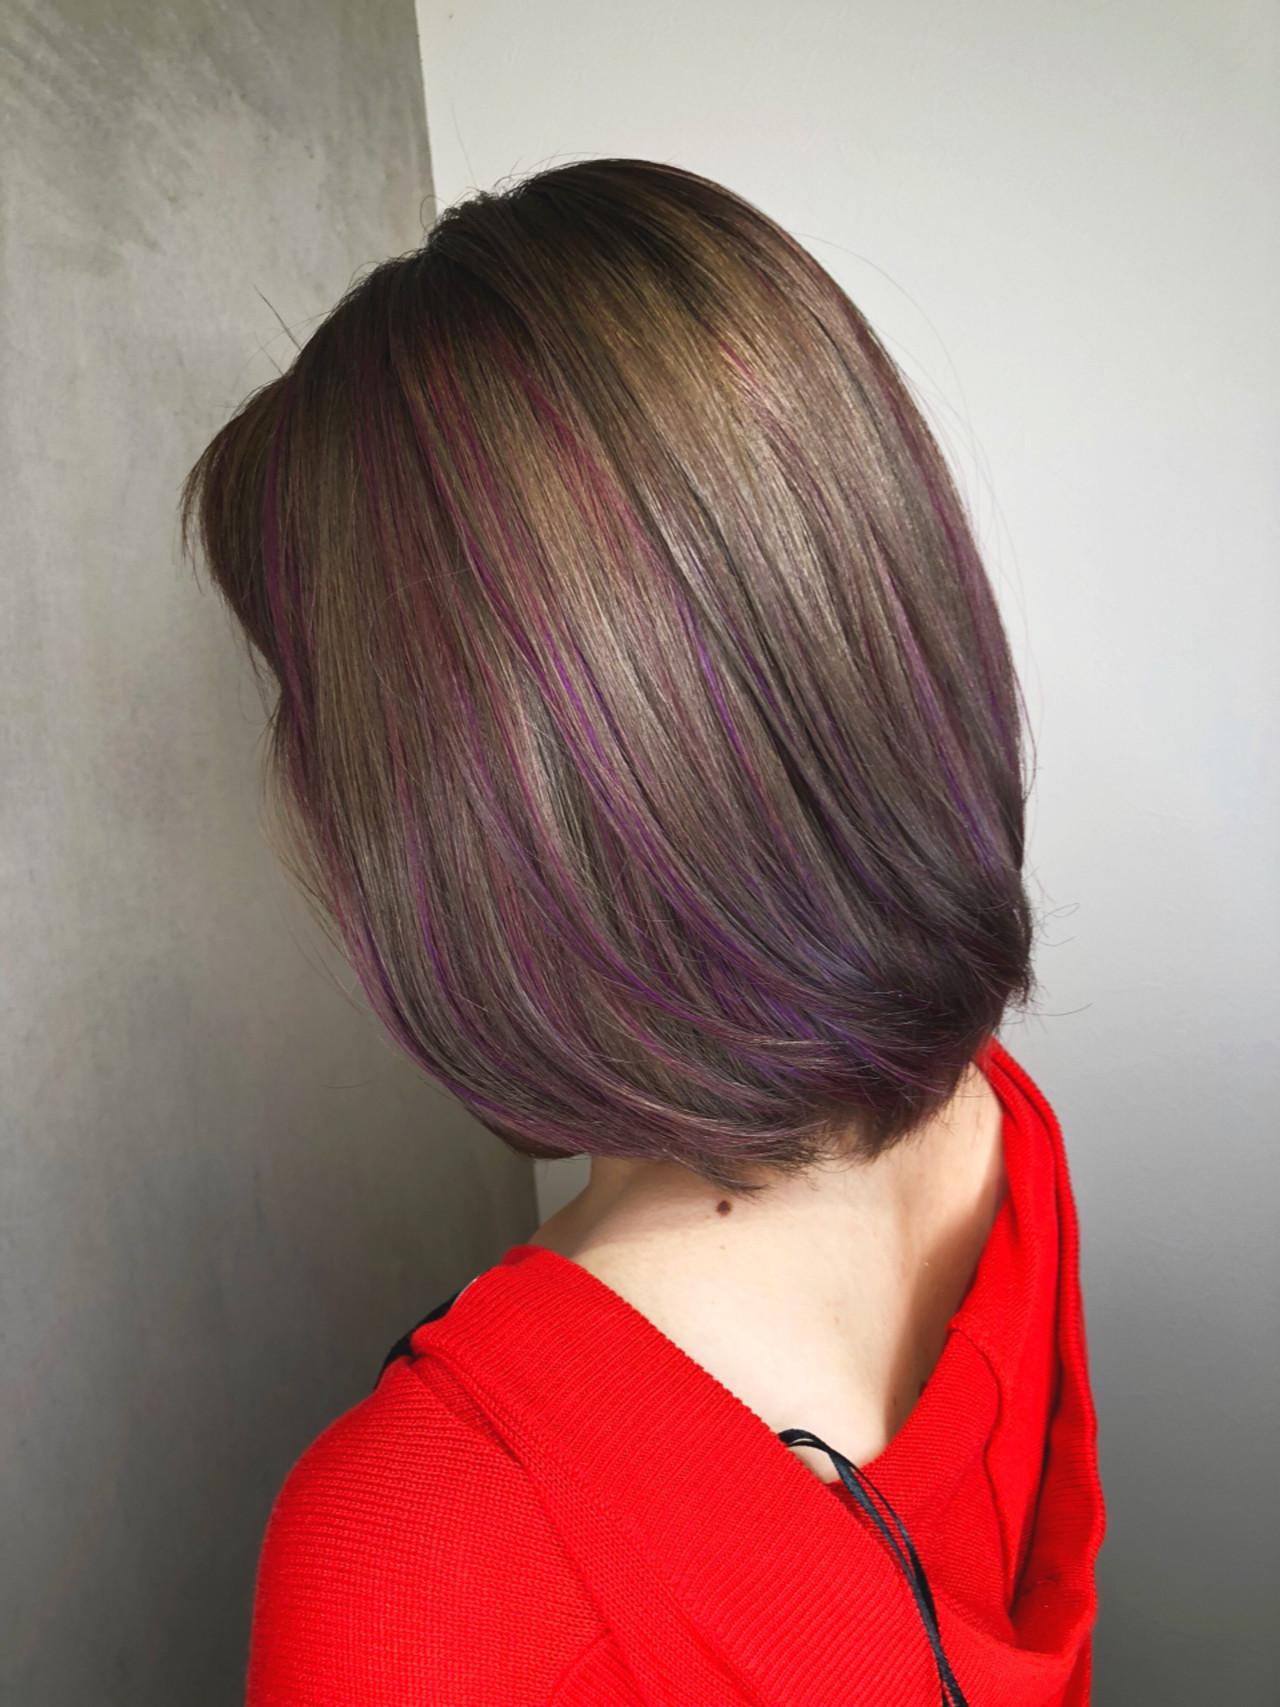 フェミニン ハイライト アウトドア レッド ヘアスタイルや髪型の写真・画像 | 筒井 隆由 / Hair salon mode